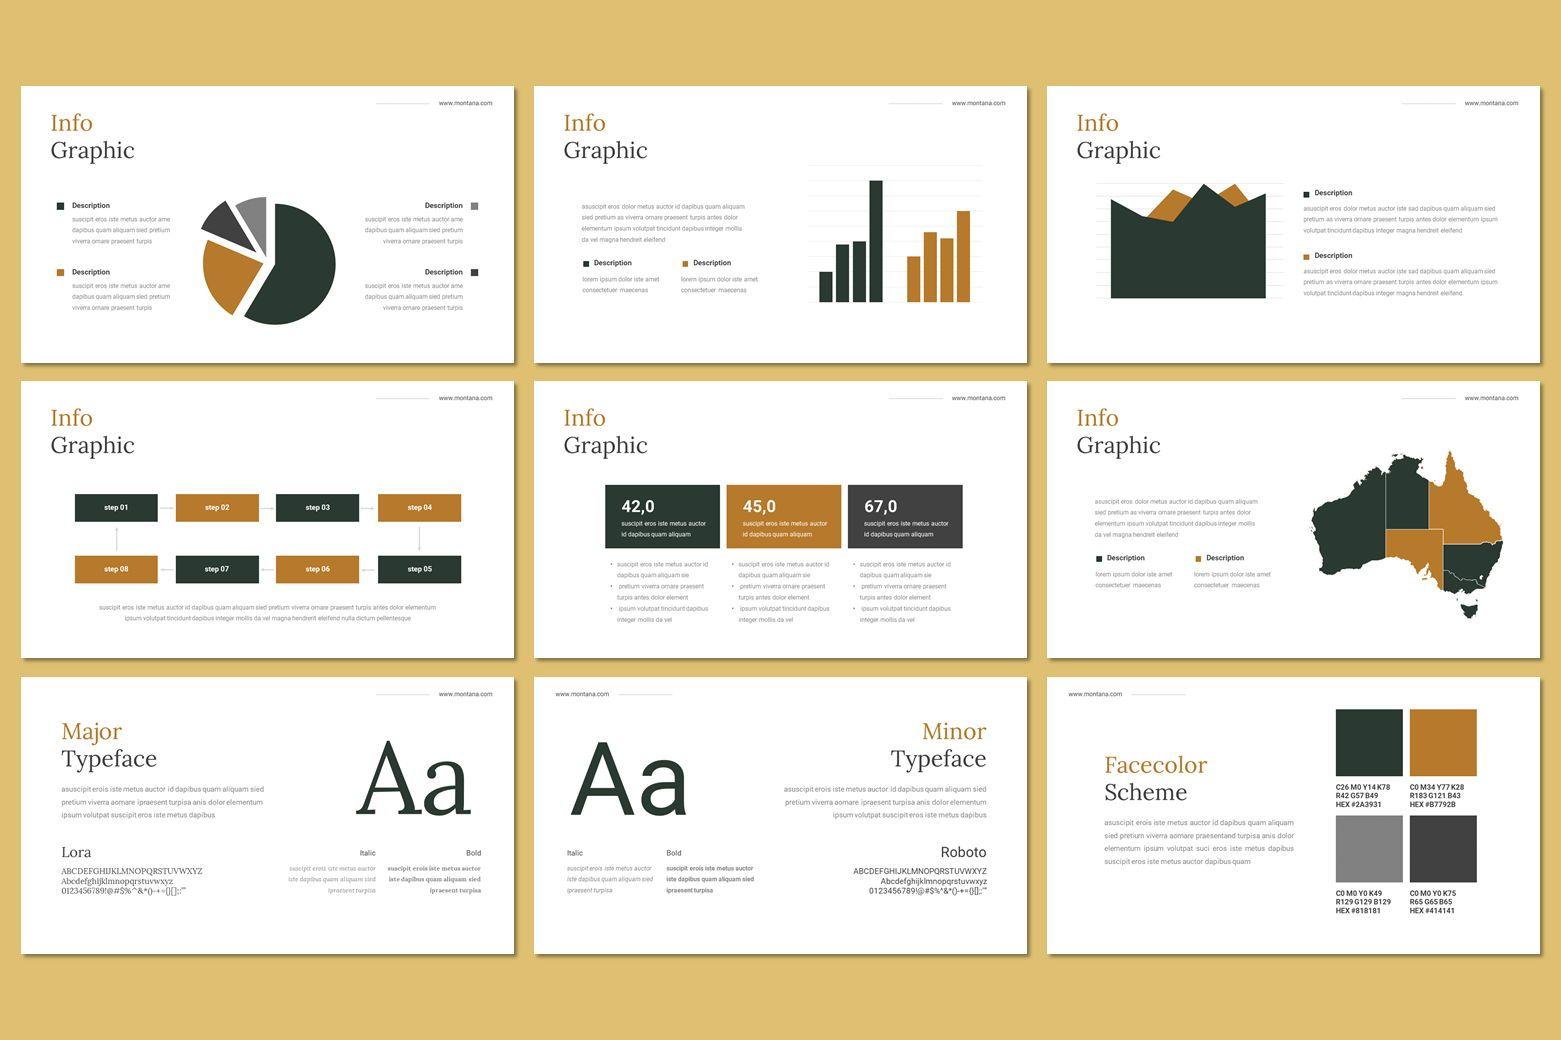 Montana - Google Slides Template, Slide 12, 07562, Presentation Templates — PoweredTemplate.com